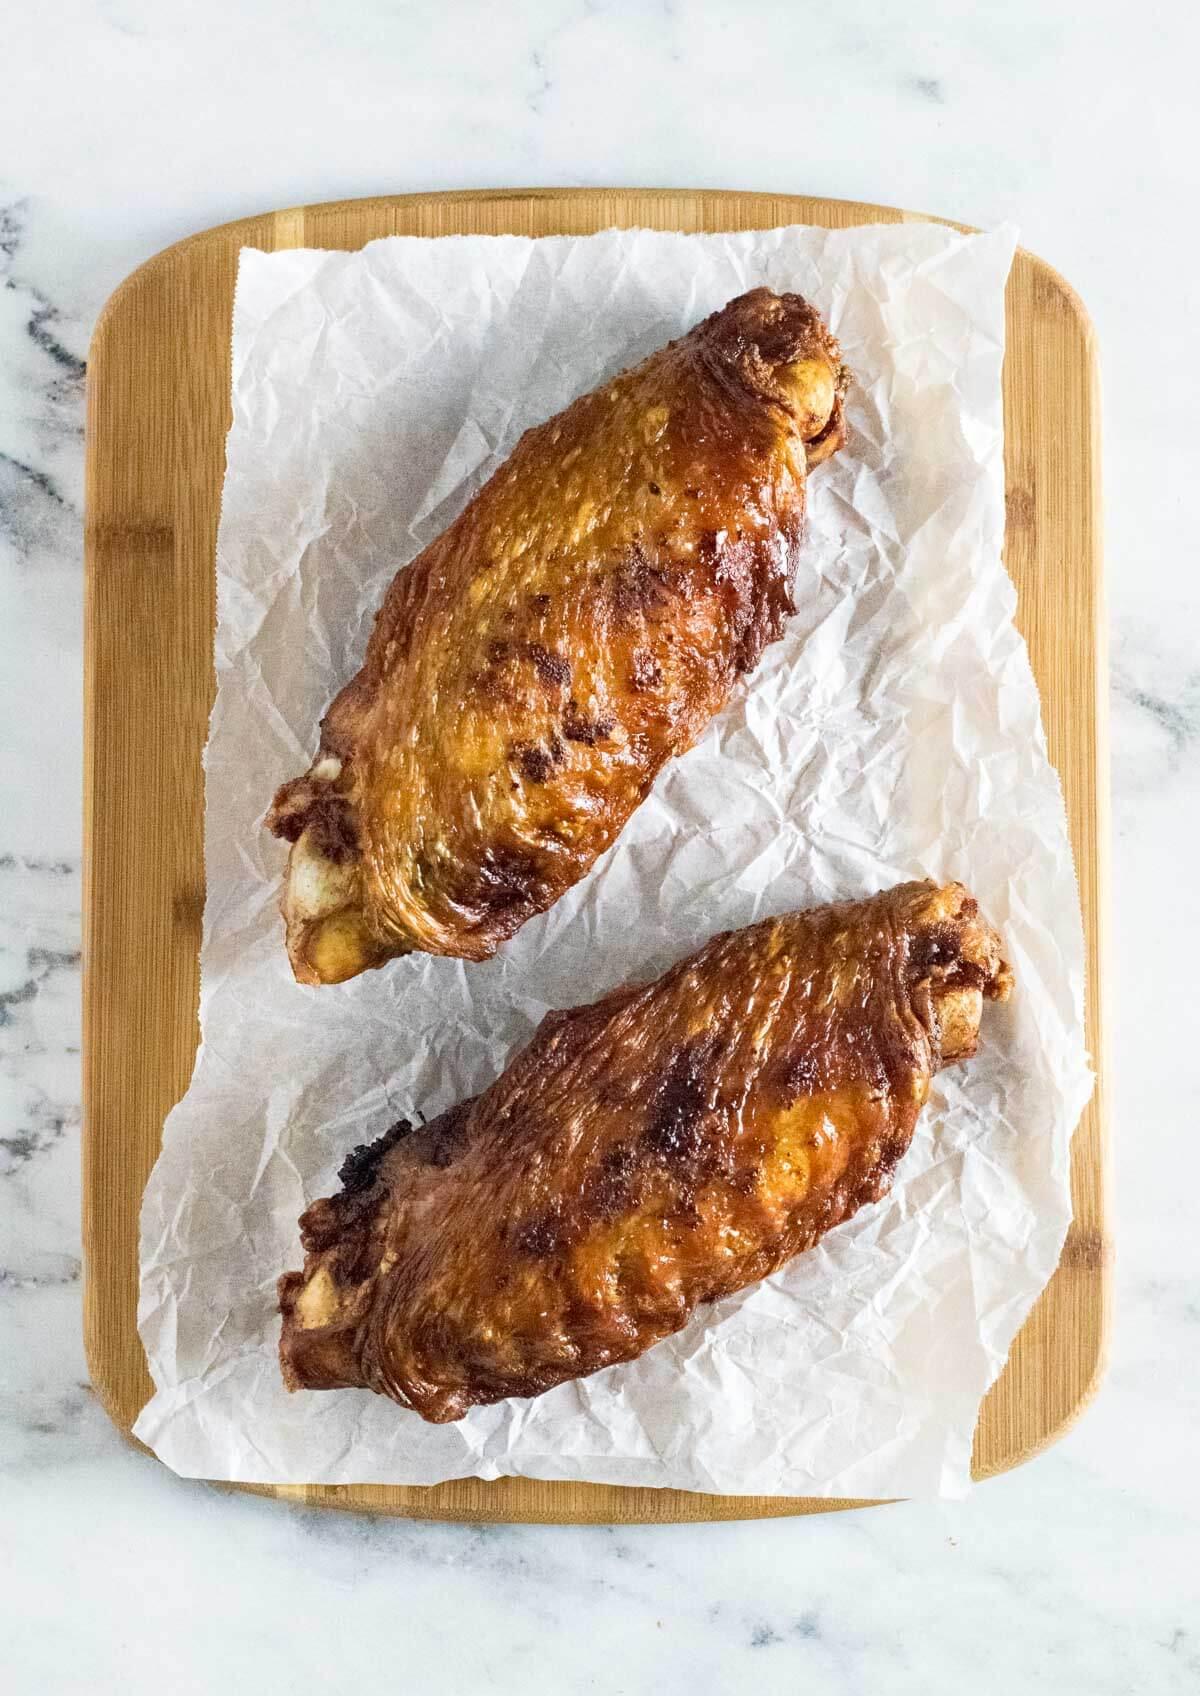 Deep fried turkey on cutting board.